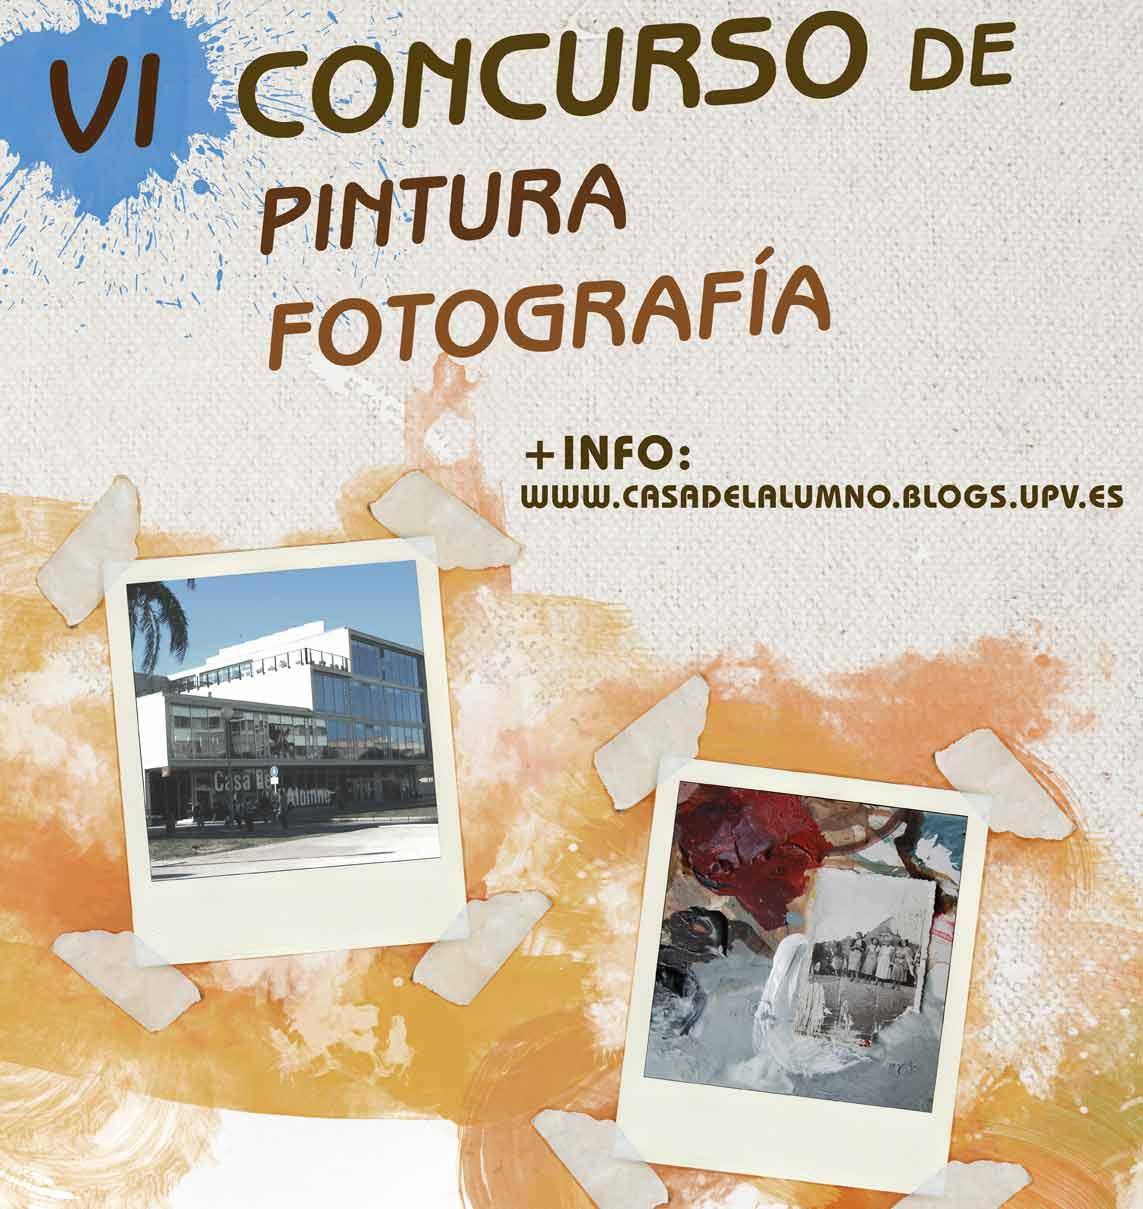 VI CONCURSO PINTURA Y FOTOGRAFIA